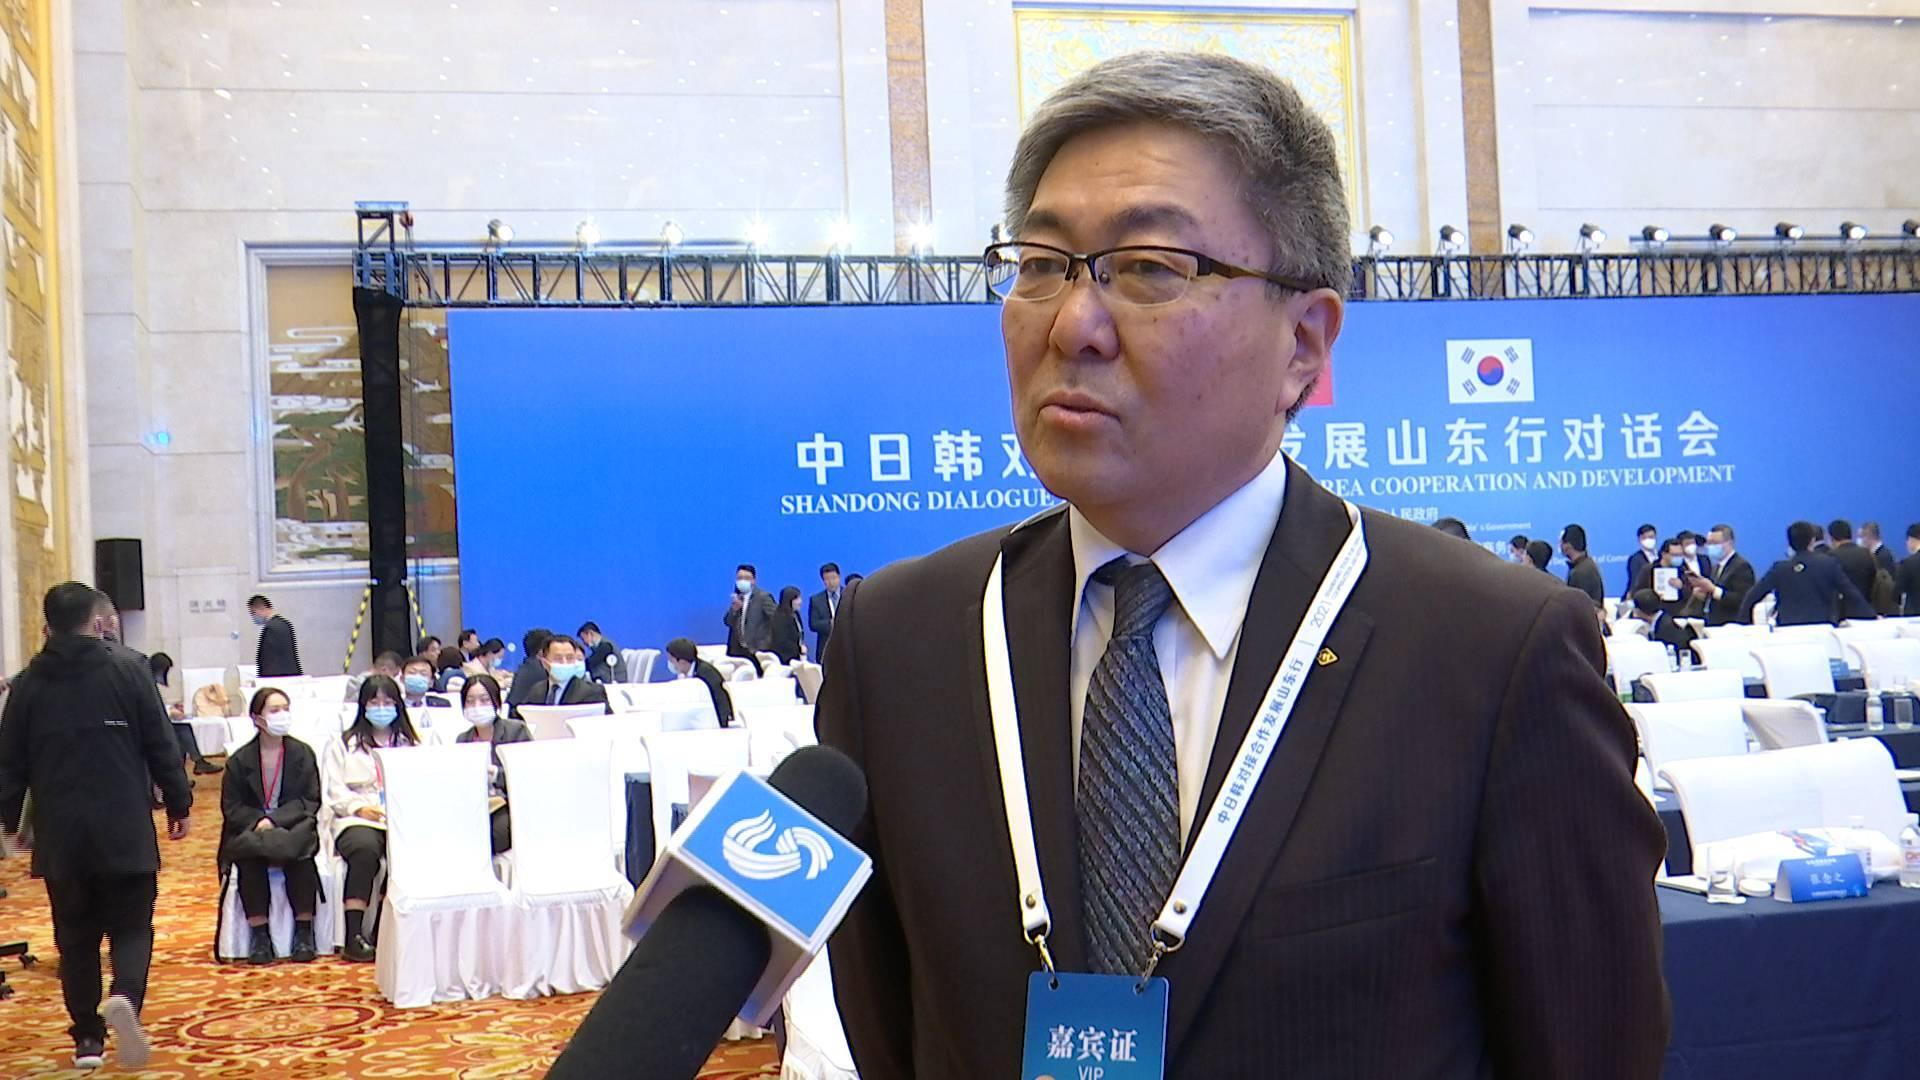 中日韩对接合作发展山东行丨丸红中国副总代表平野雅之:期待二氧化碳减排和新能源领域合作